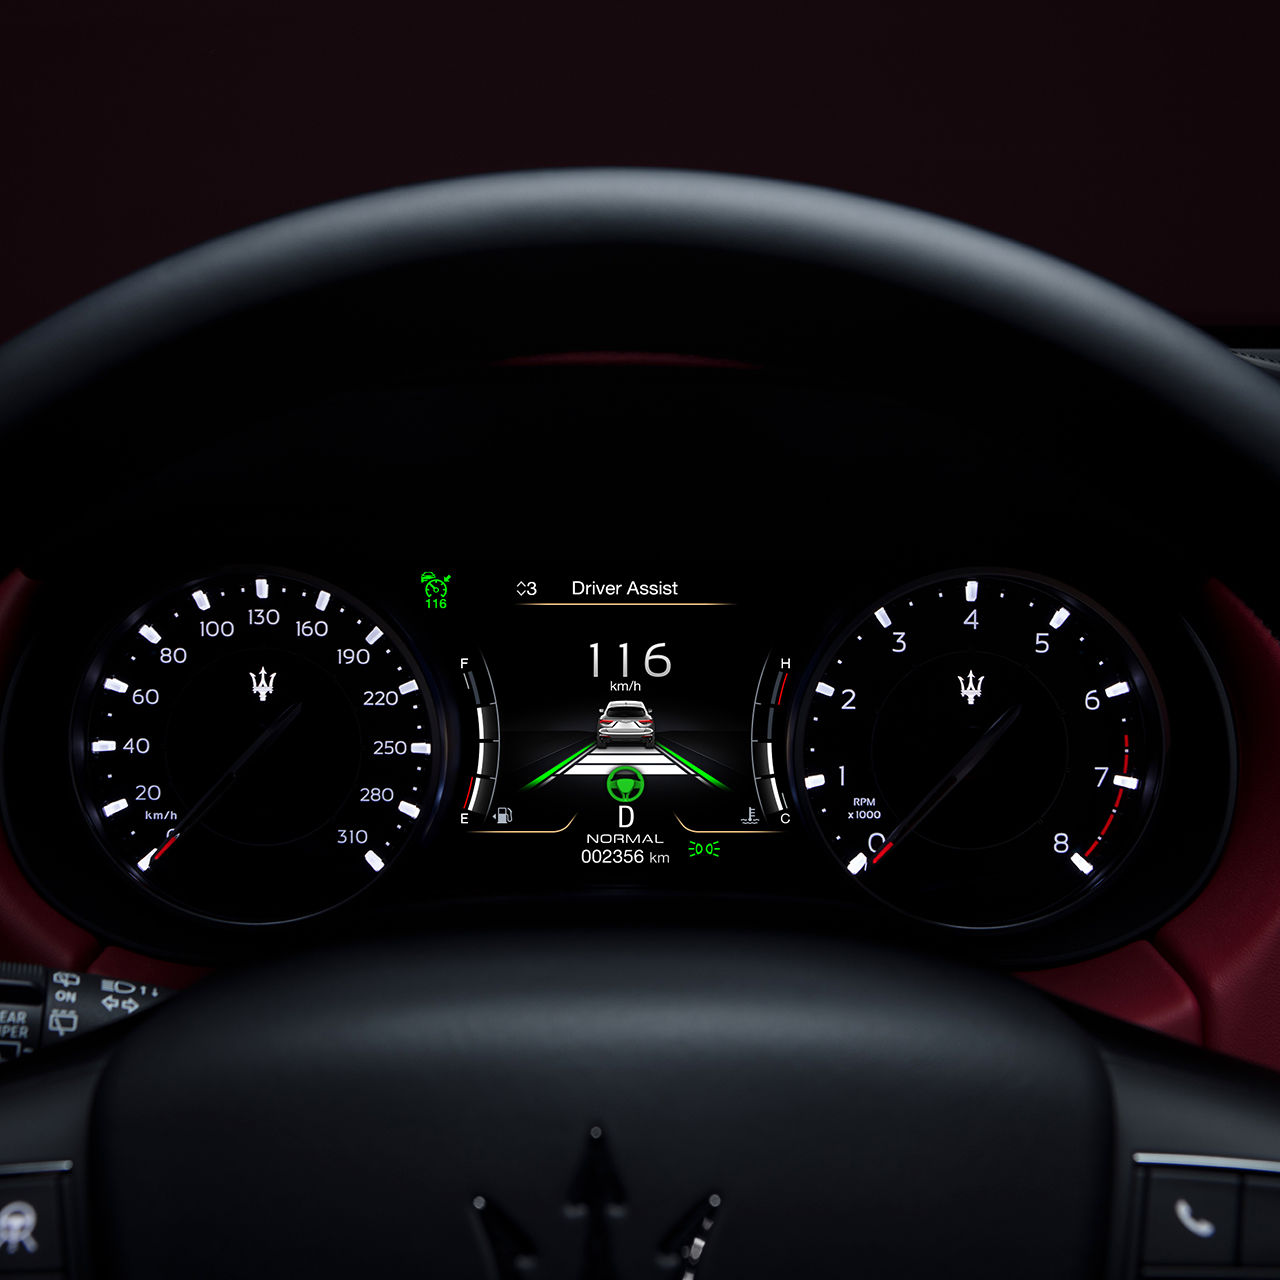 Maserati Fahrassistenzsystemen: Sicherheit und ADAS - Driver Assist